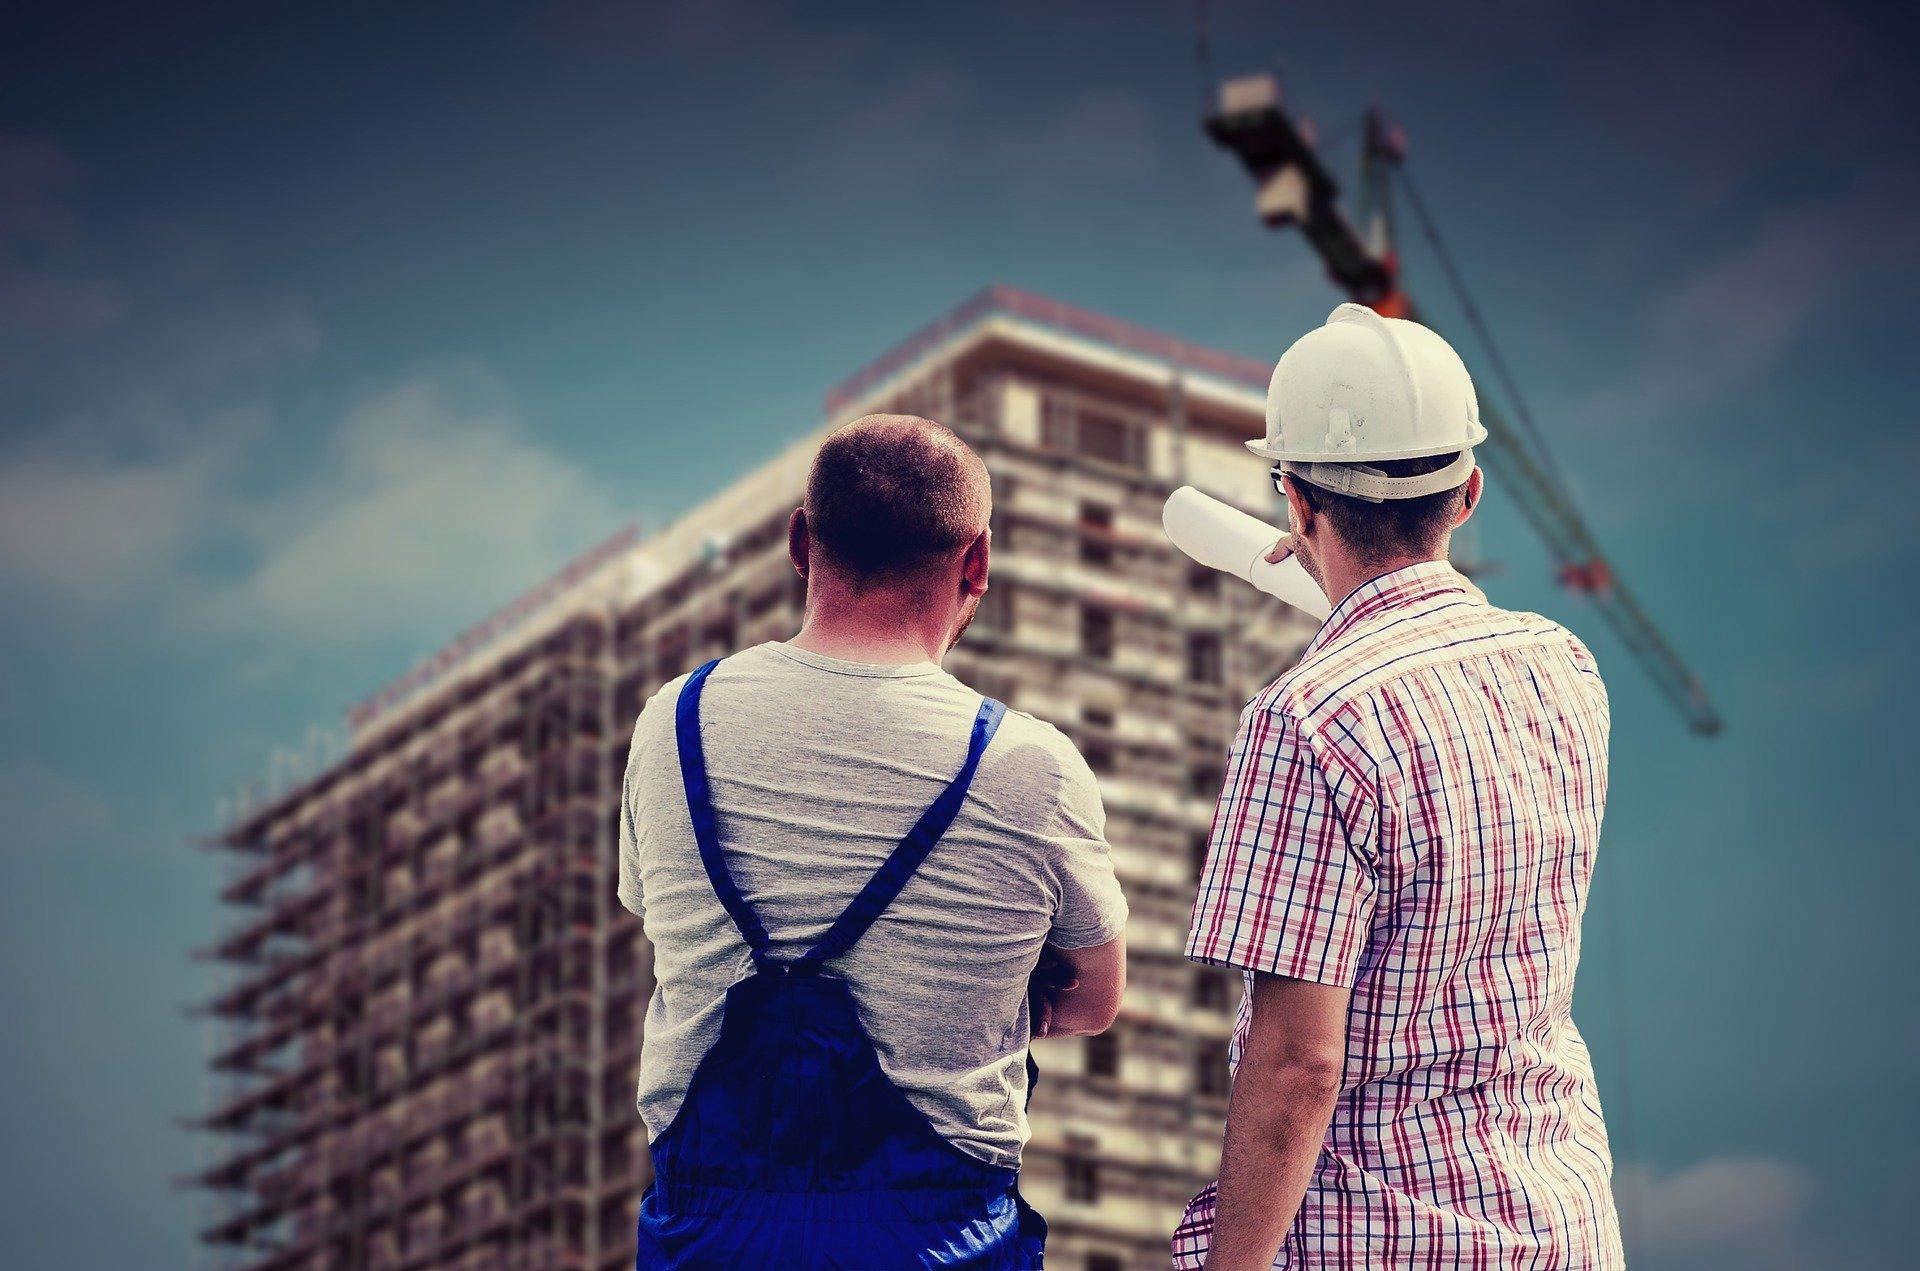 Szukasz mieszkania? Planujesz remont? - Zdjęcie główne